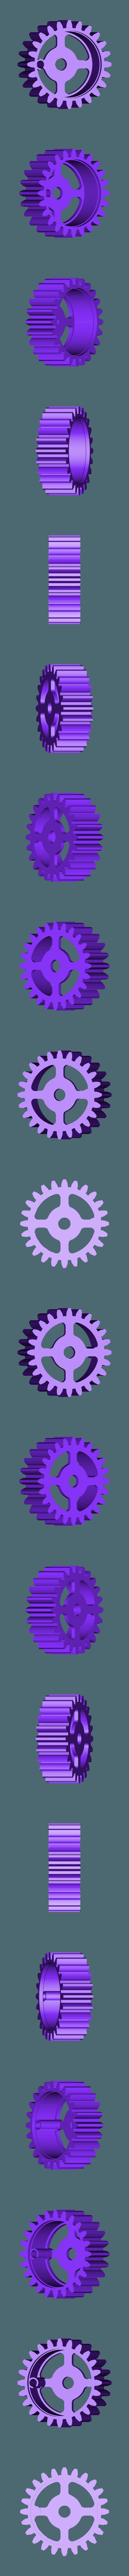 Gear_Spring.stl Télécharger fichier STL gratuit Tabletop Tri-Mode Spring Motor Rolling Chassis • Design pour imprimante 3D, gzumwalt